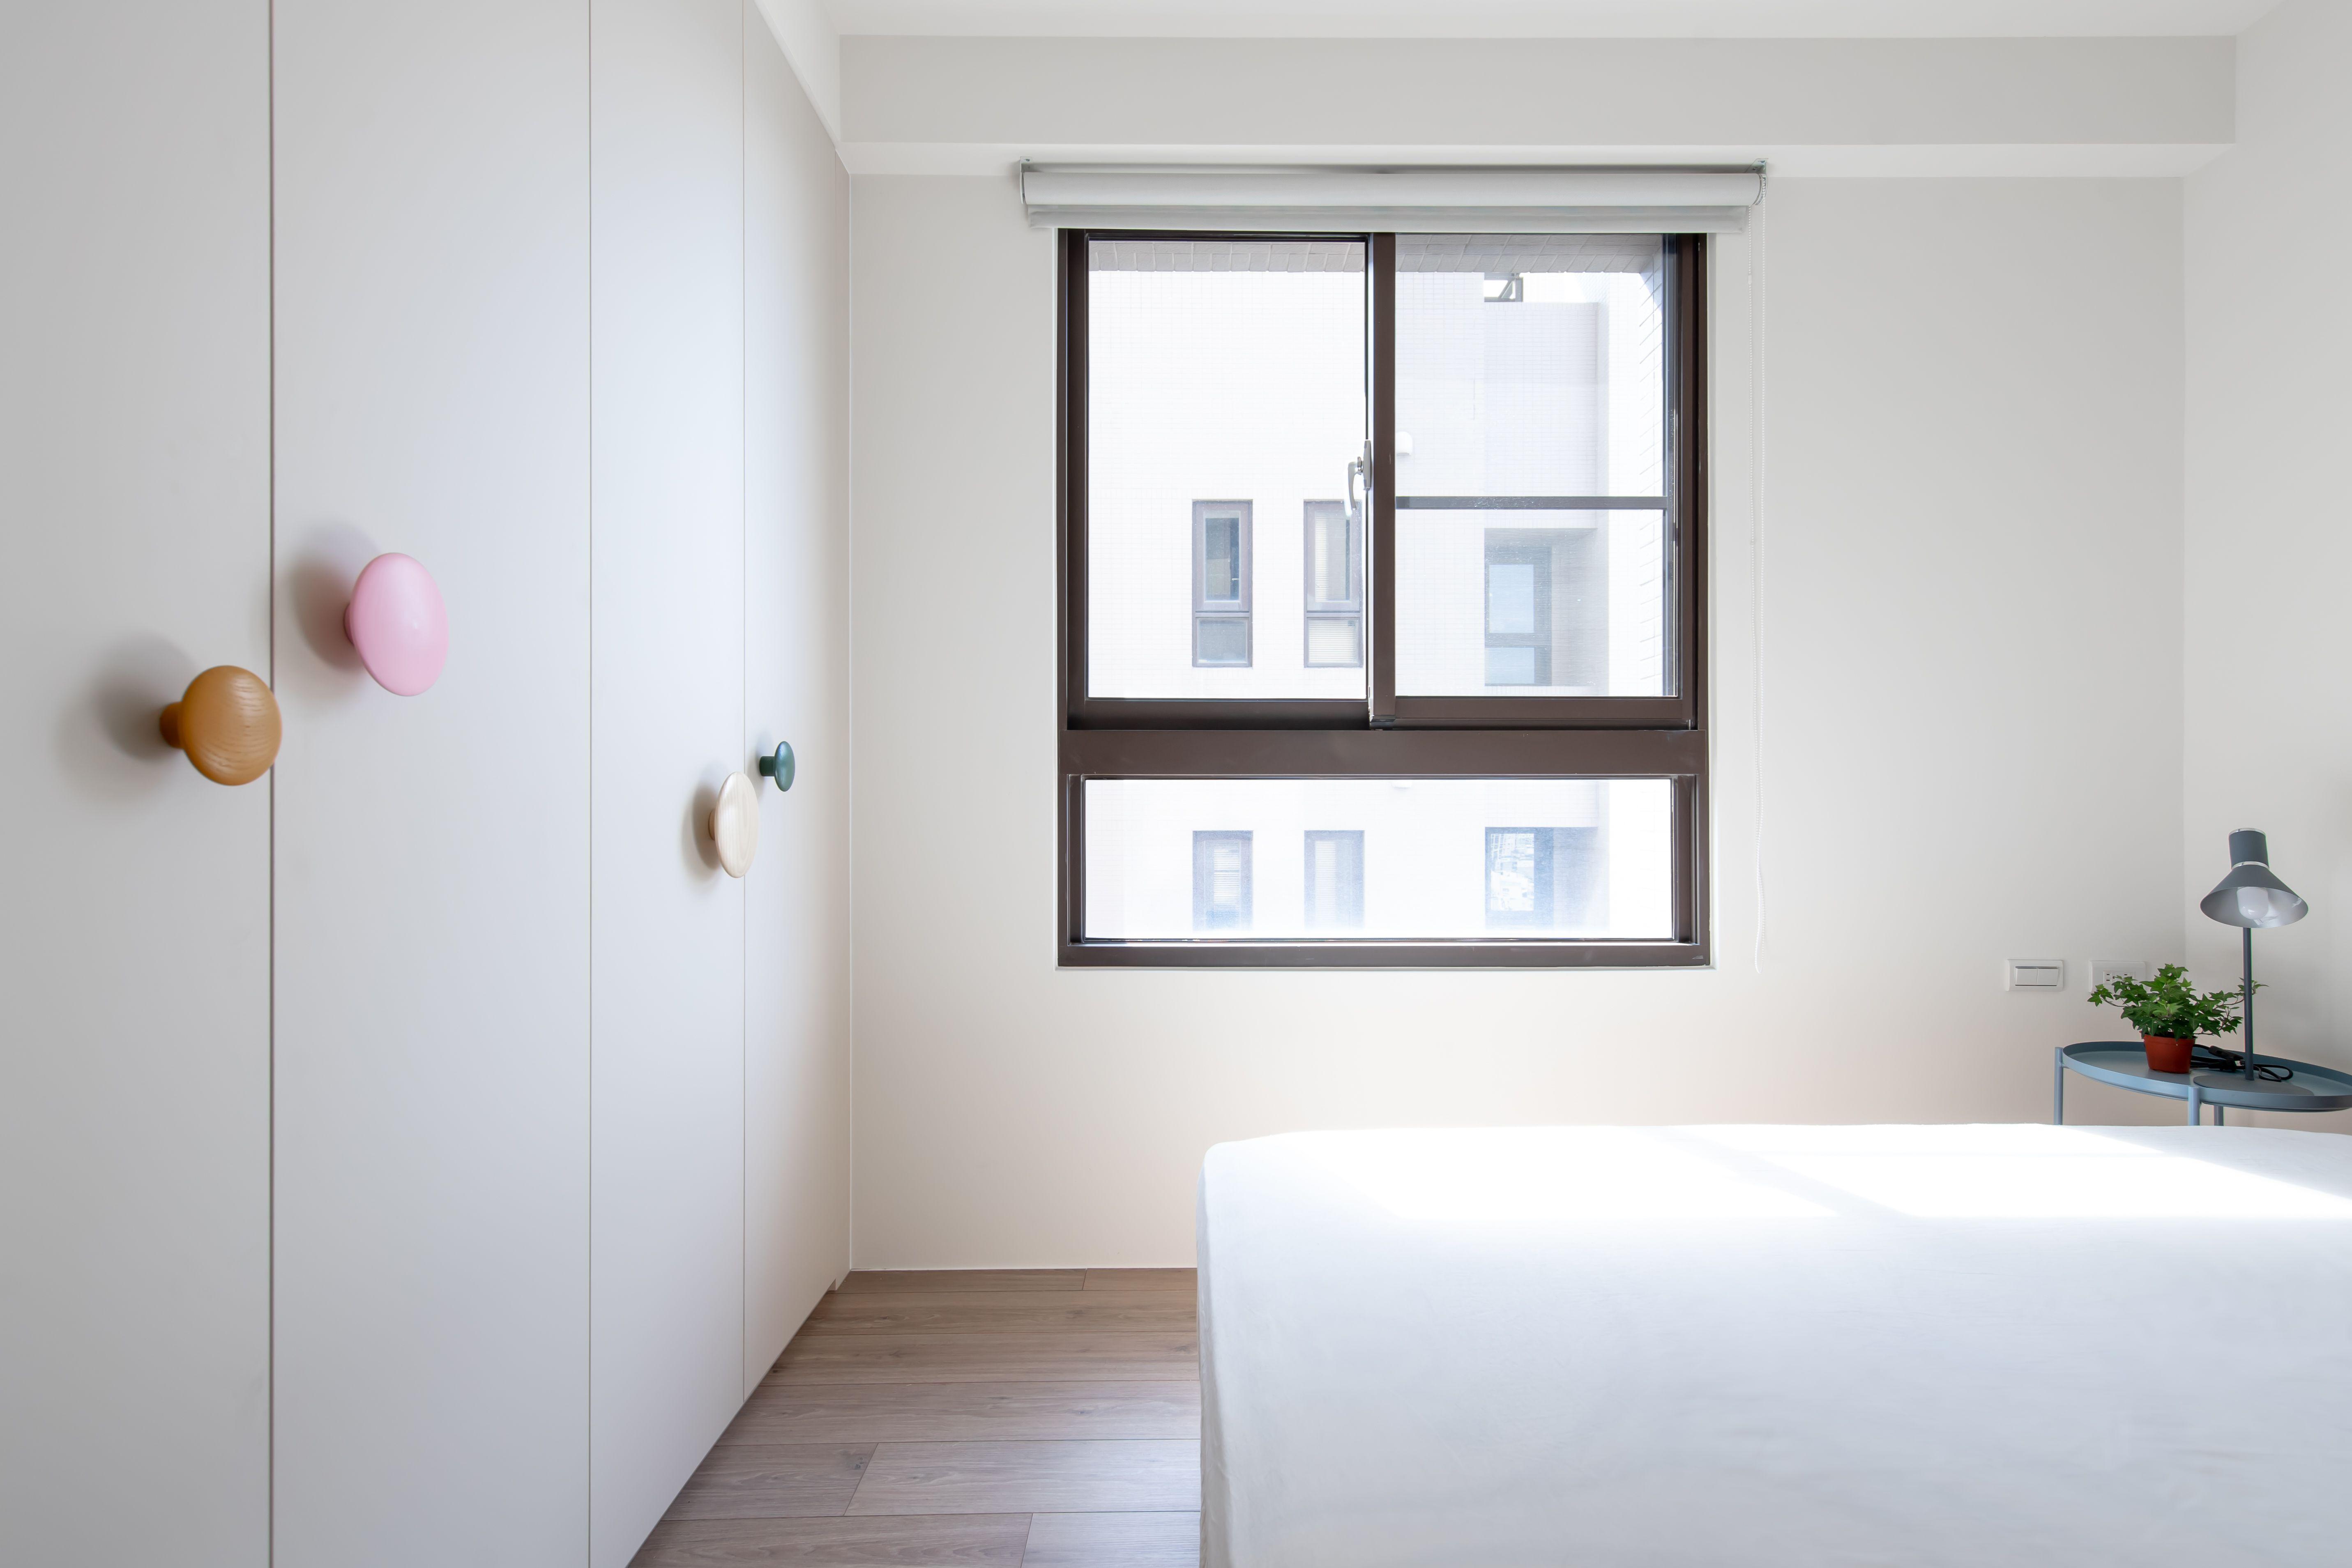 客房則是潔淨的白色極簡風格 將原木跳色掛勾做為妝點櫃體的把手 搭配